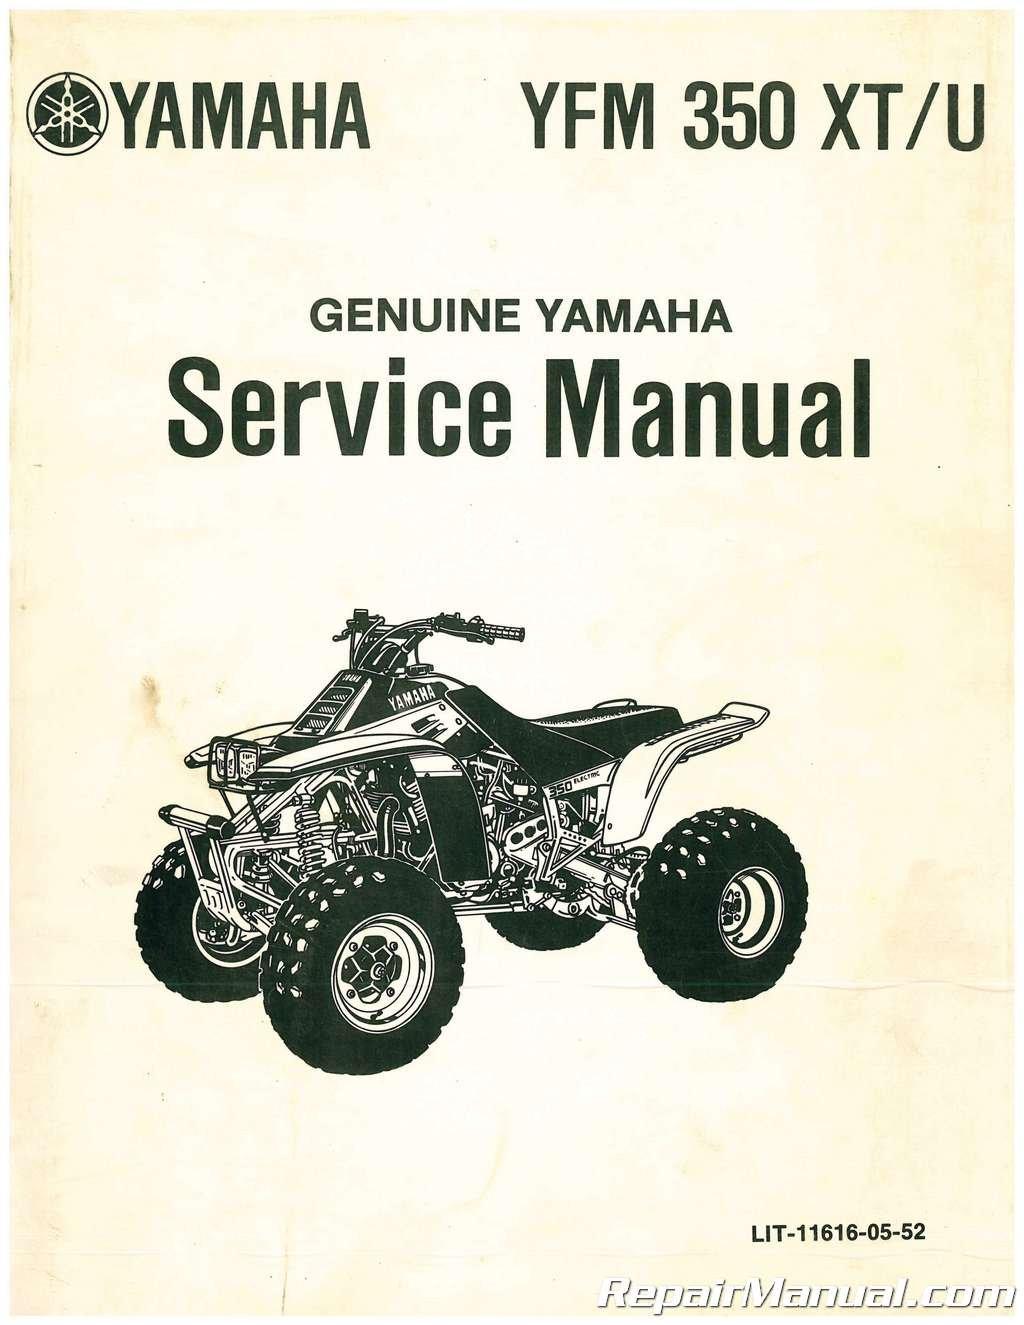 Ulit 11616 05 52 Used 1986 1987 Yamaha Yfm350x Warrior Atv Service Manual By Author Amazon Com Books